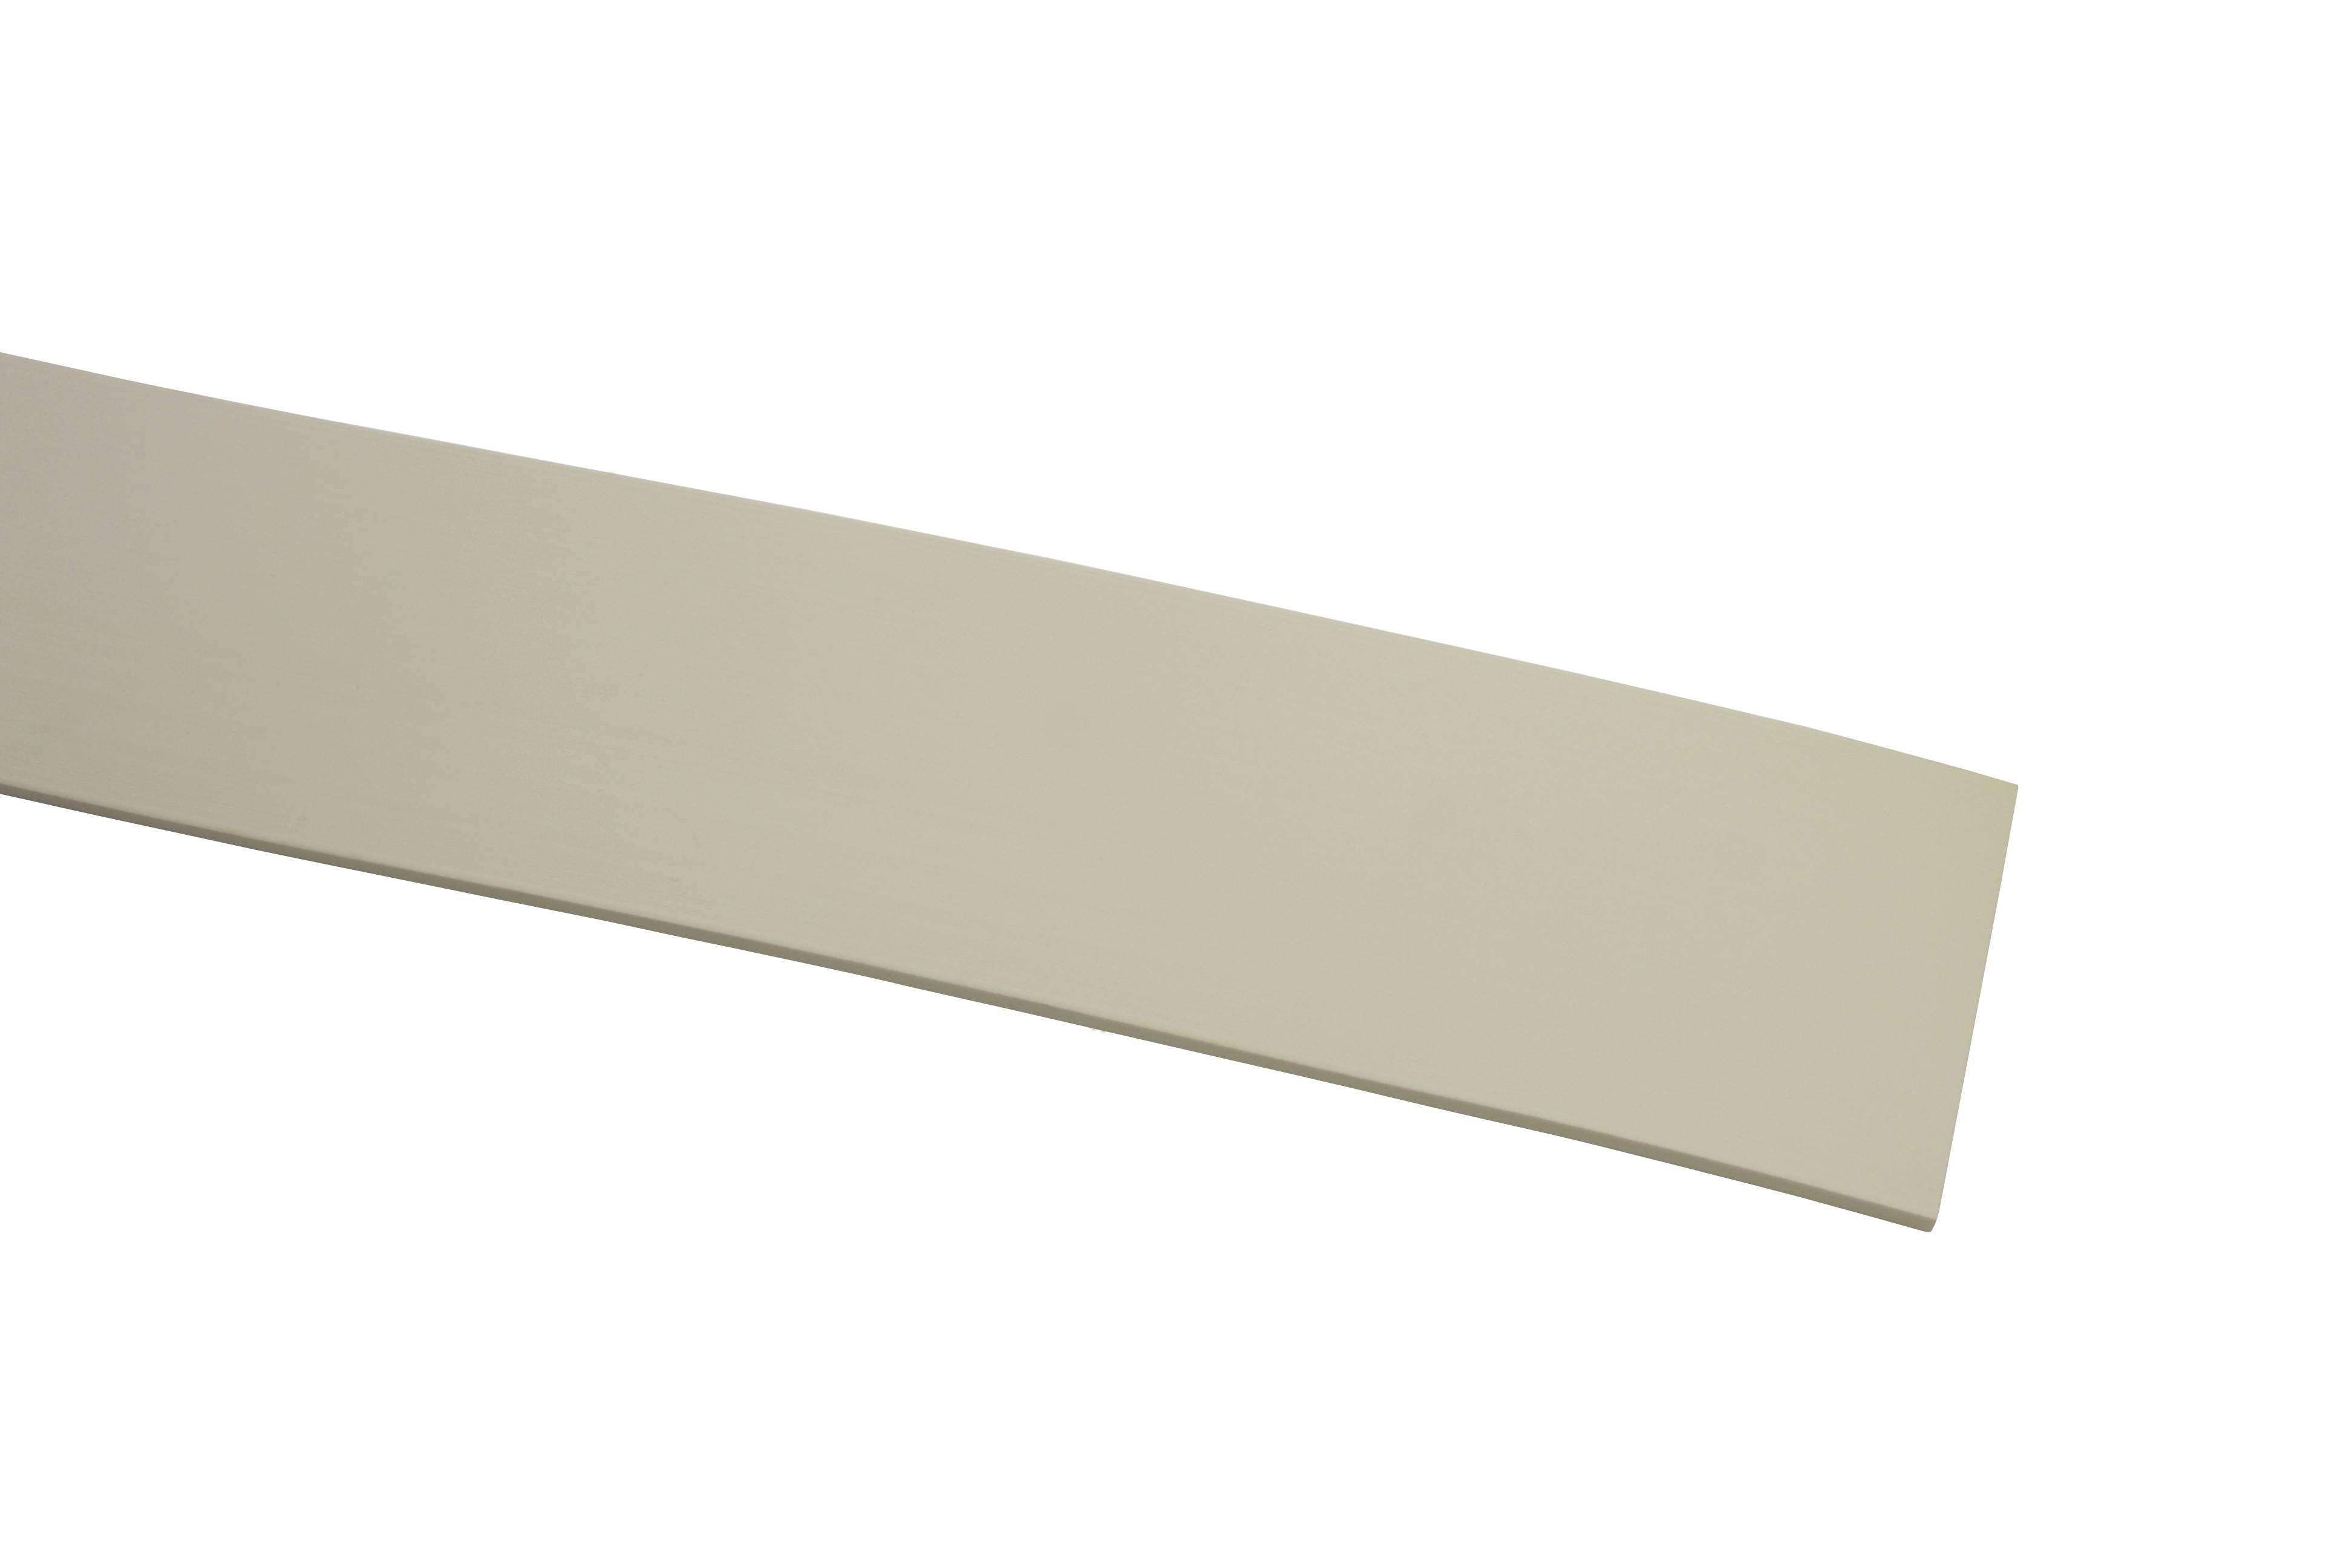 kunststoff blende wei 5 cm 25 meter rolle 8480. Black Bedroom Furniture Sets. Home Design Ideas